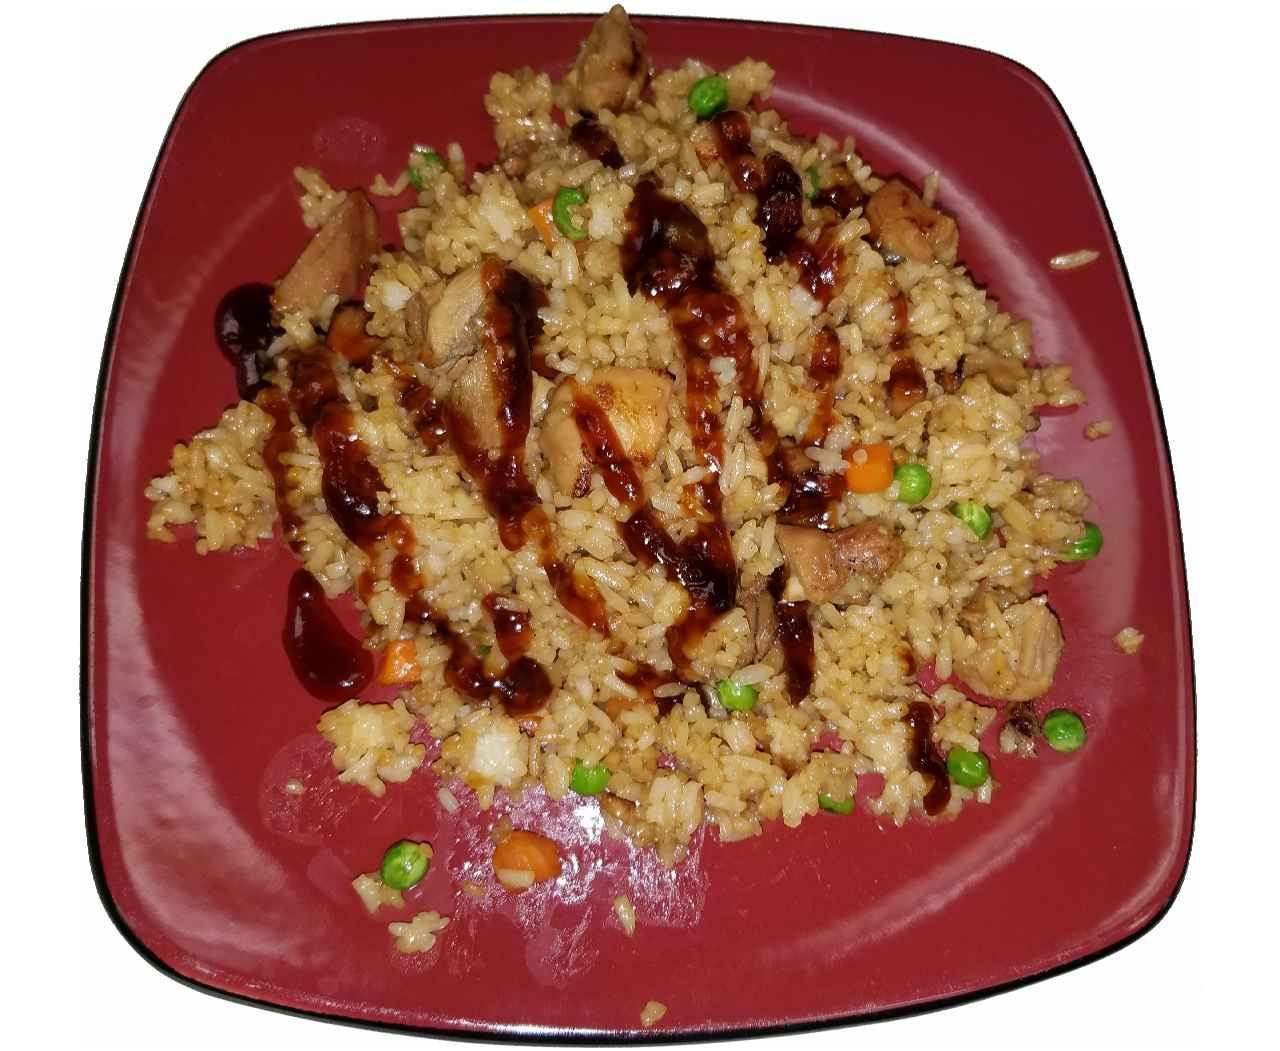 43. Kids Chicken Fried Rice